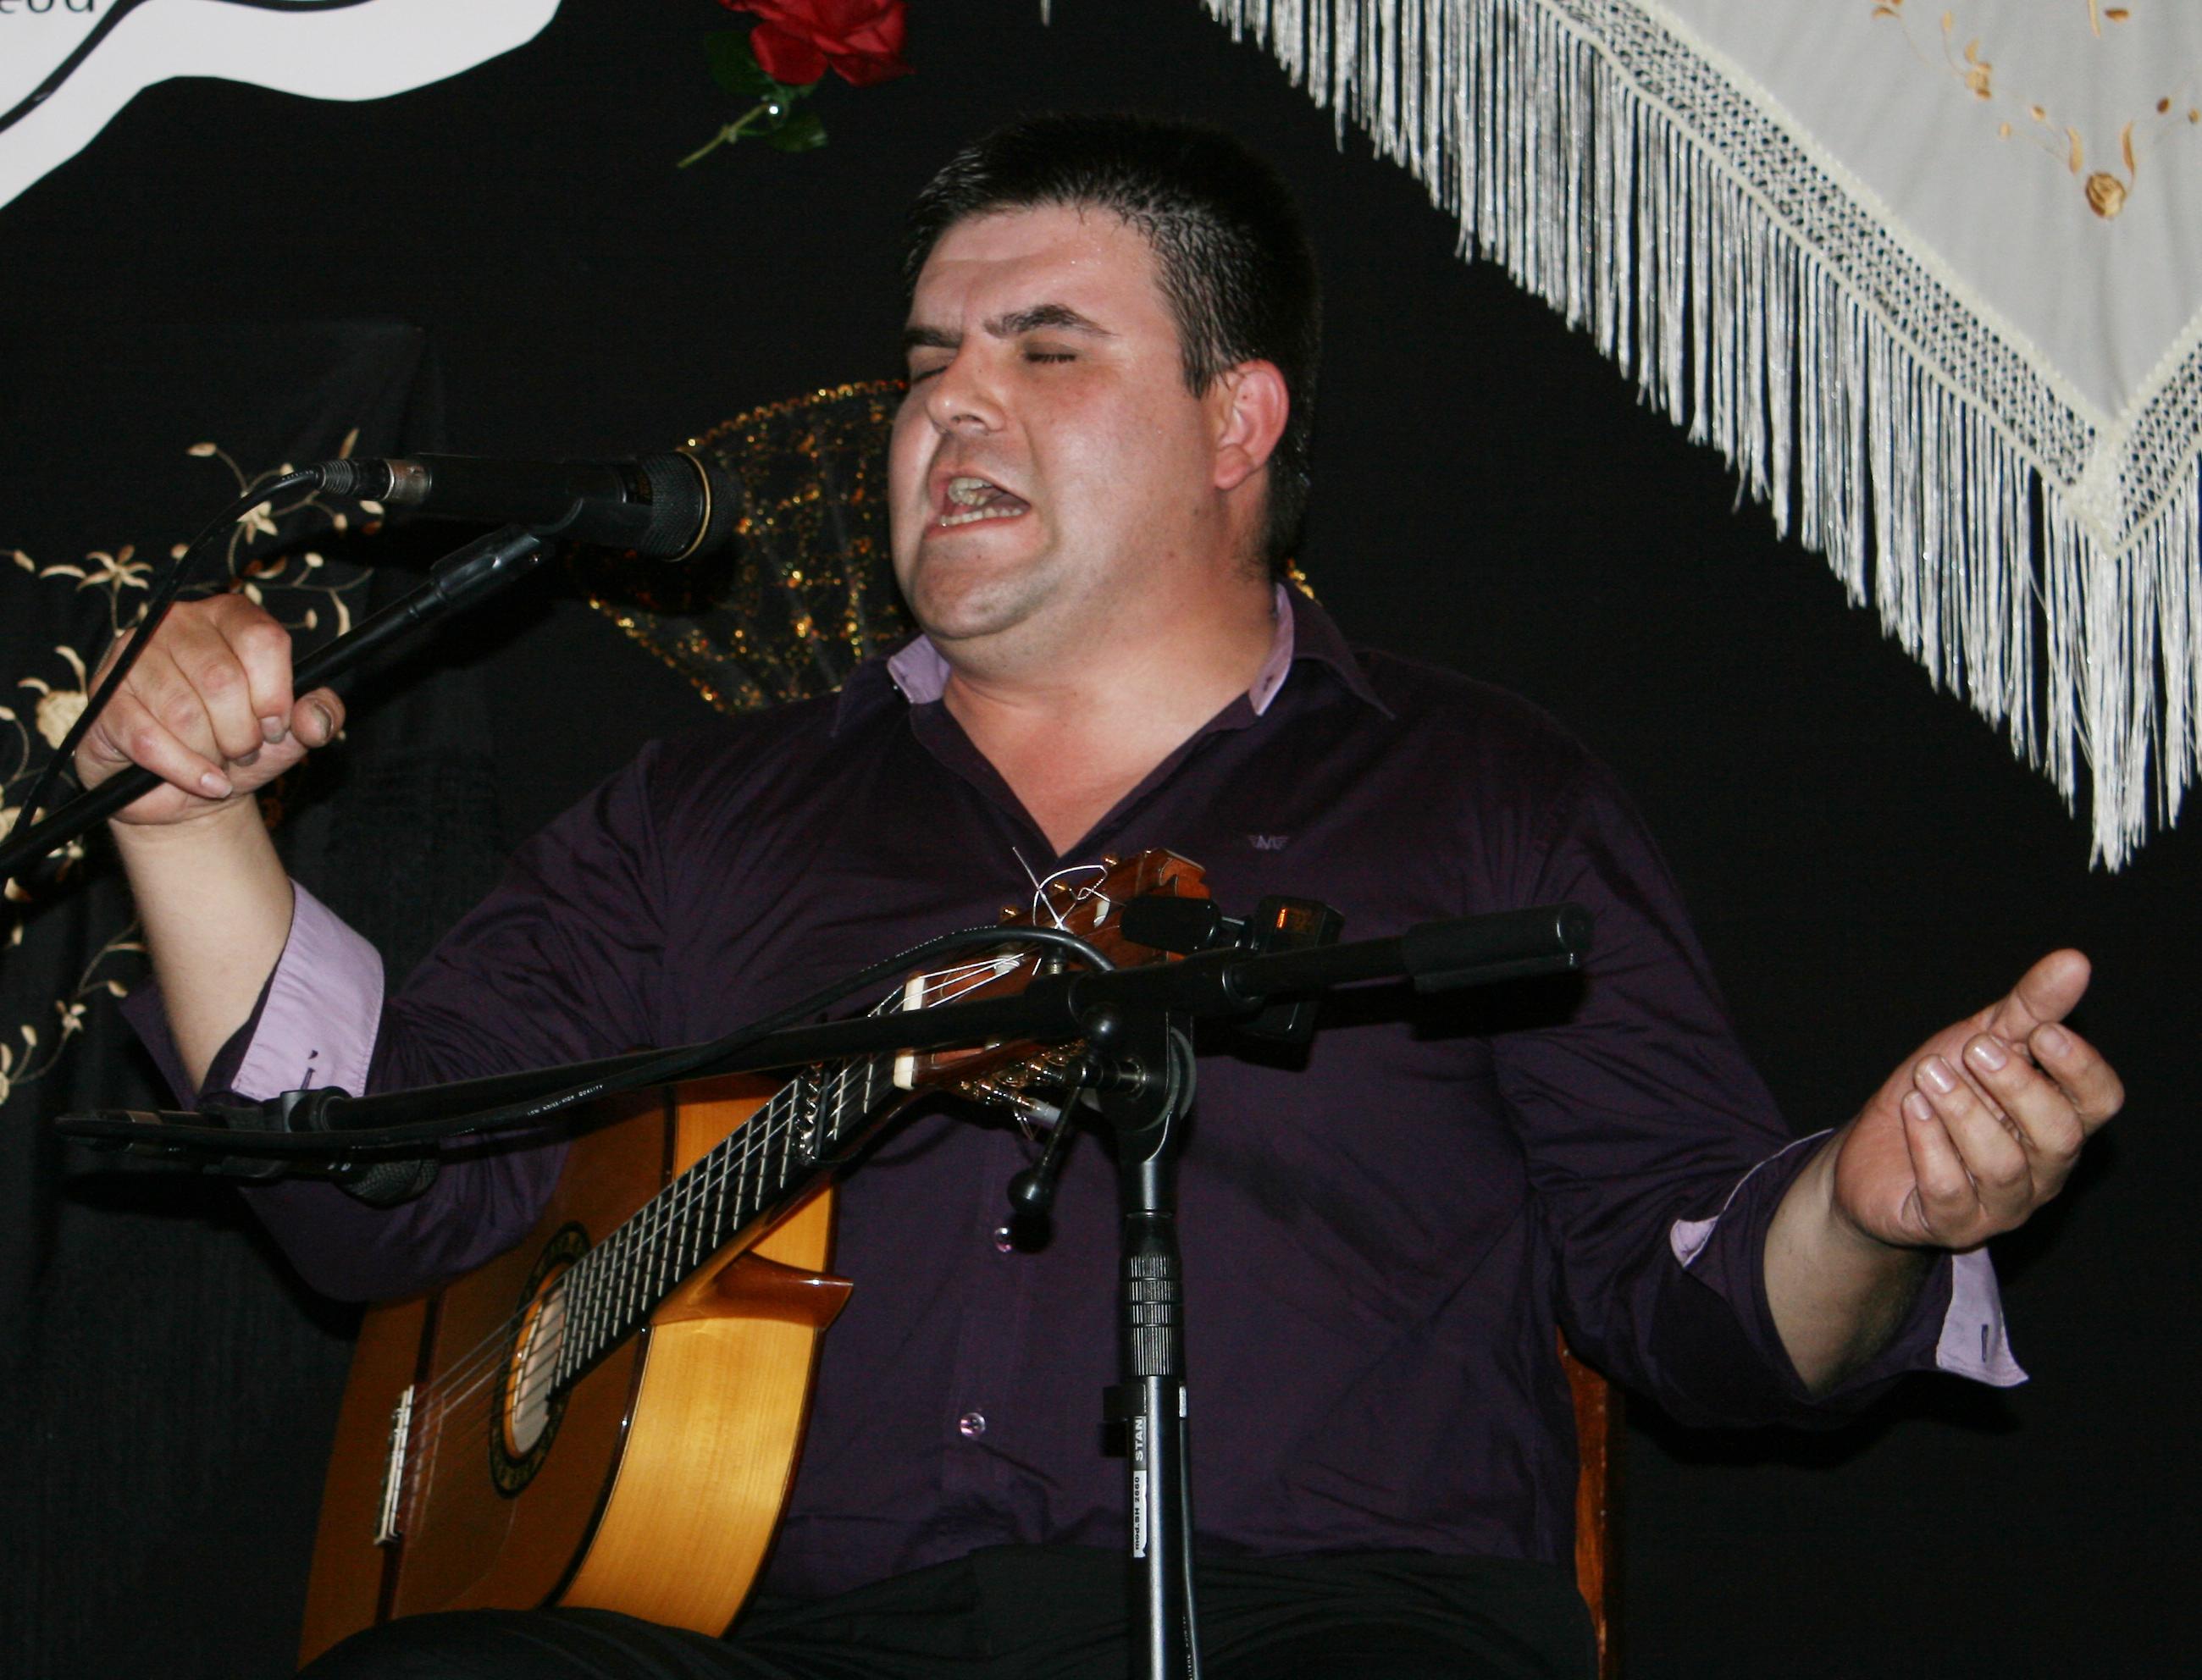 Ricardo Fernandez del Moral de Ciudad Real